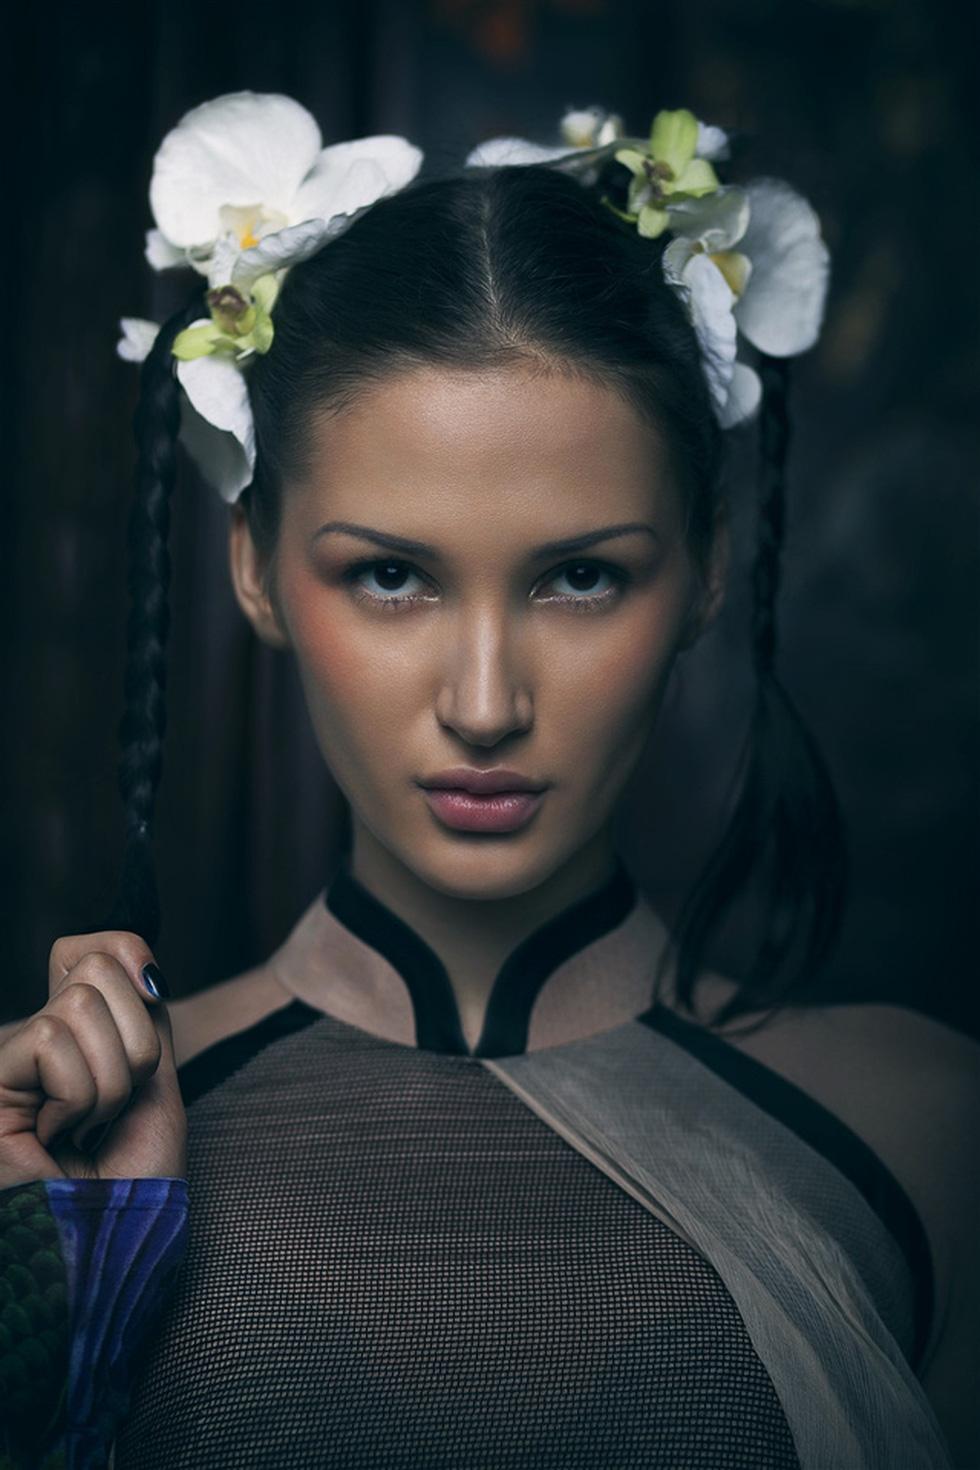 Nhà thiết kế Nguyễn Công Trí: Tôi tìm thấy bình an trong  chính mình - Ảnh 5.